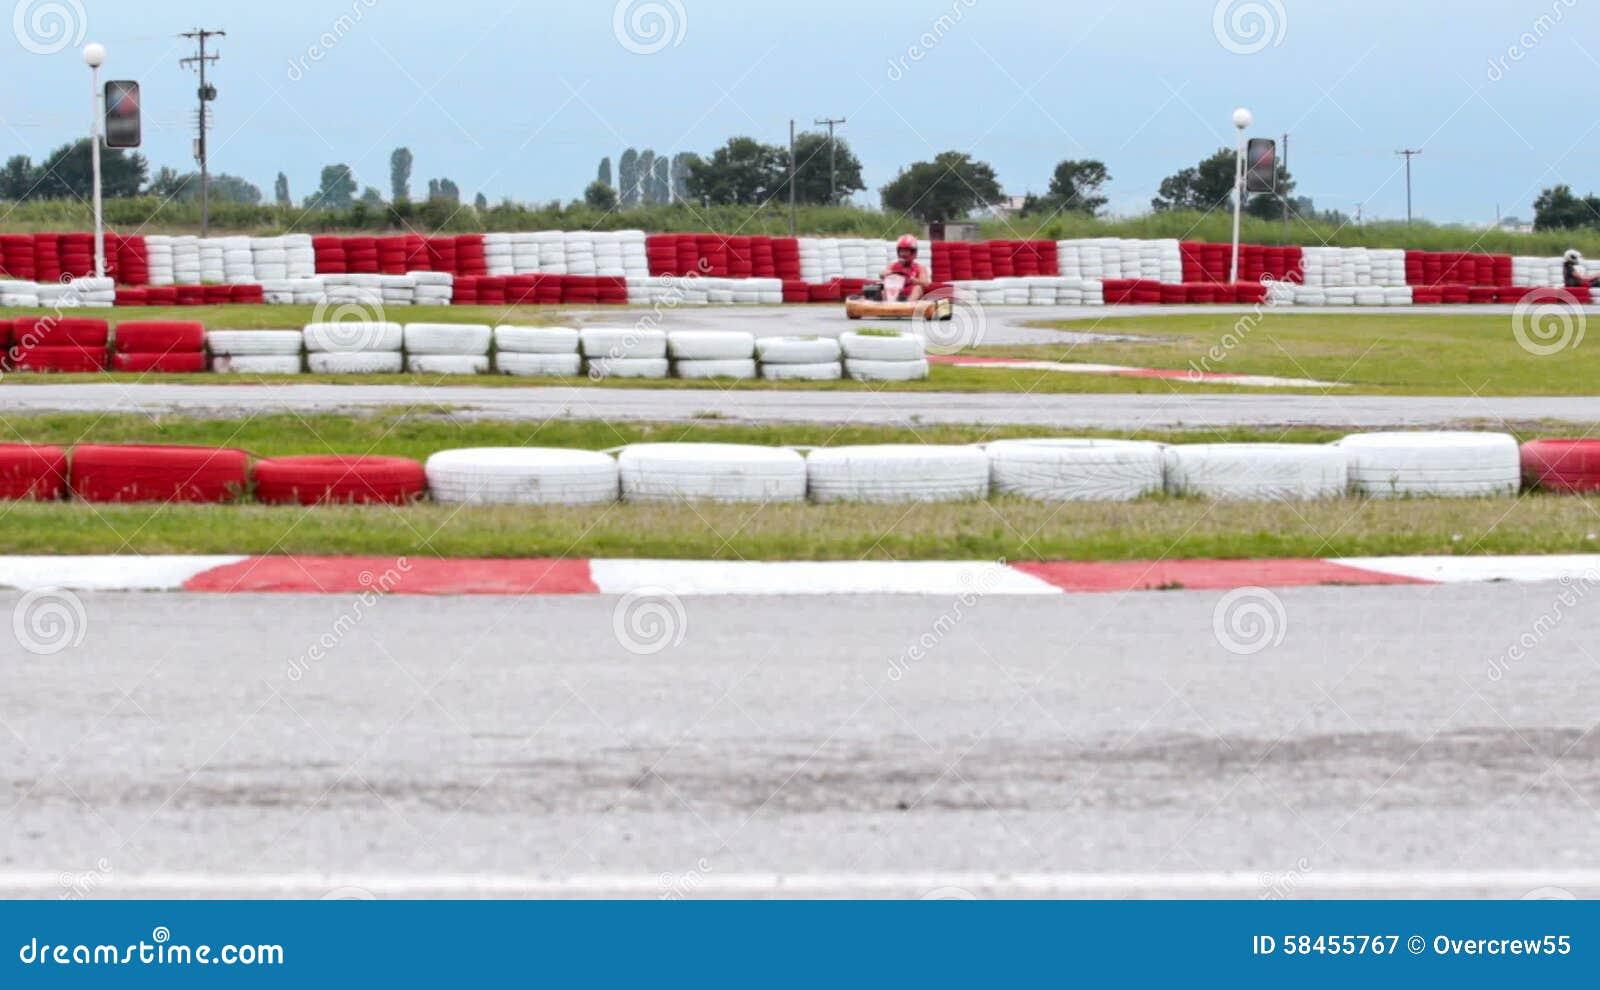 Circuito Karting : El competir con en el circuito de carreras karting almacen de video